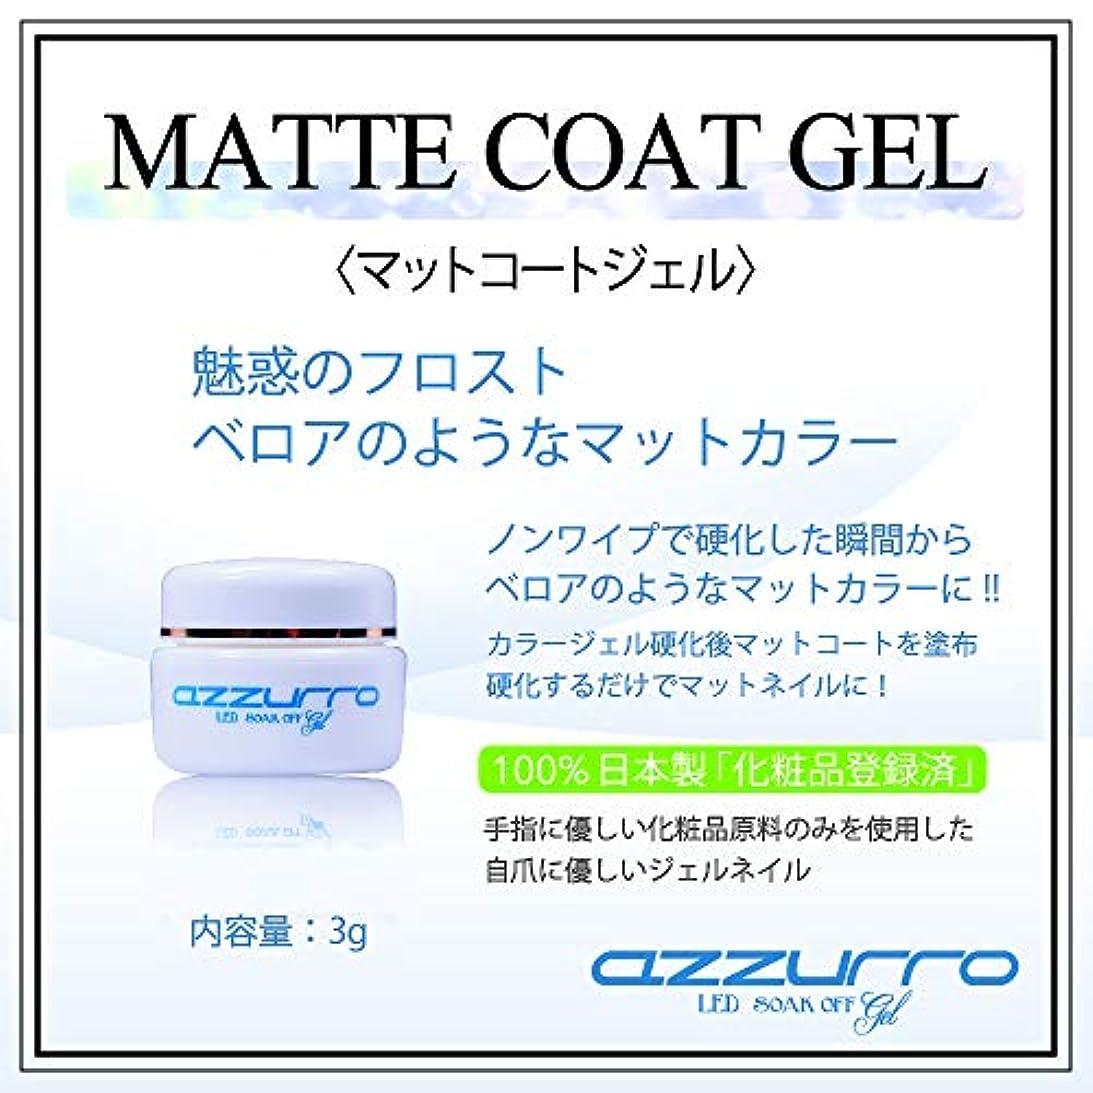 展開する歌変更azzurro マットコートジェル 3g